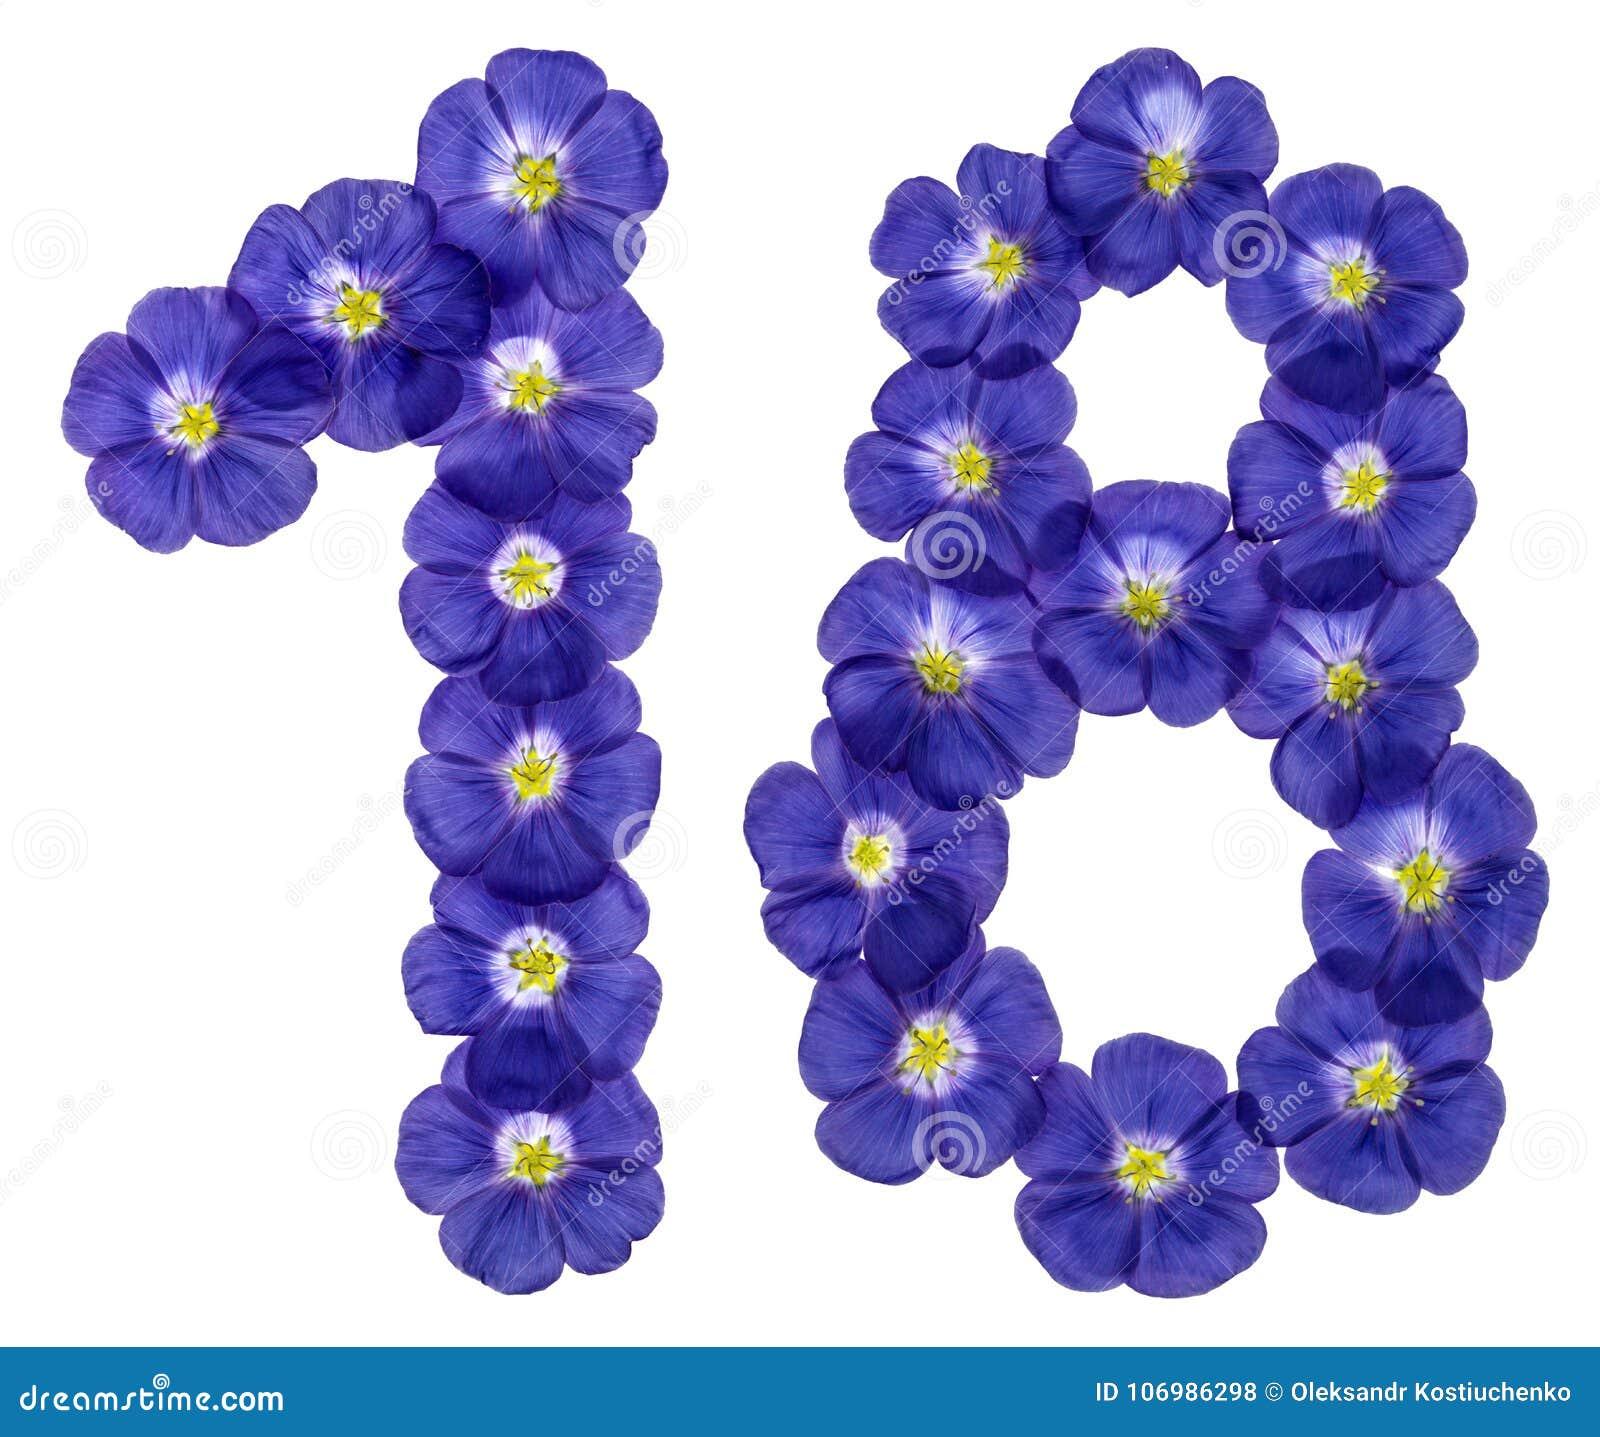 Número árabe 18, dieciocho, uno, de las flores azules del lino, ISO